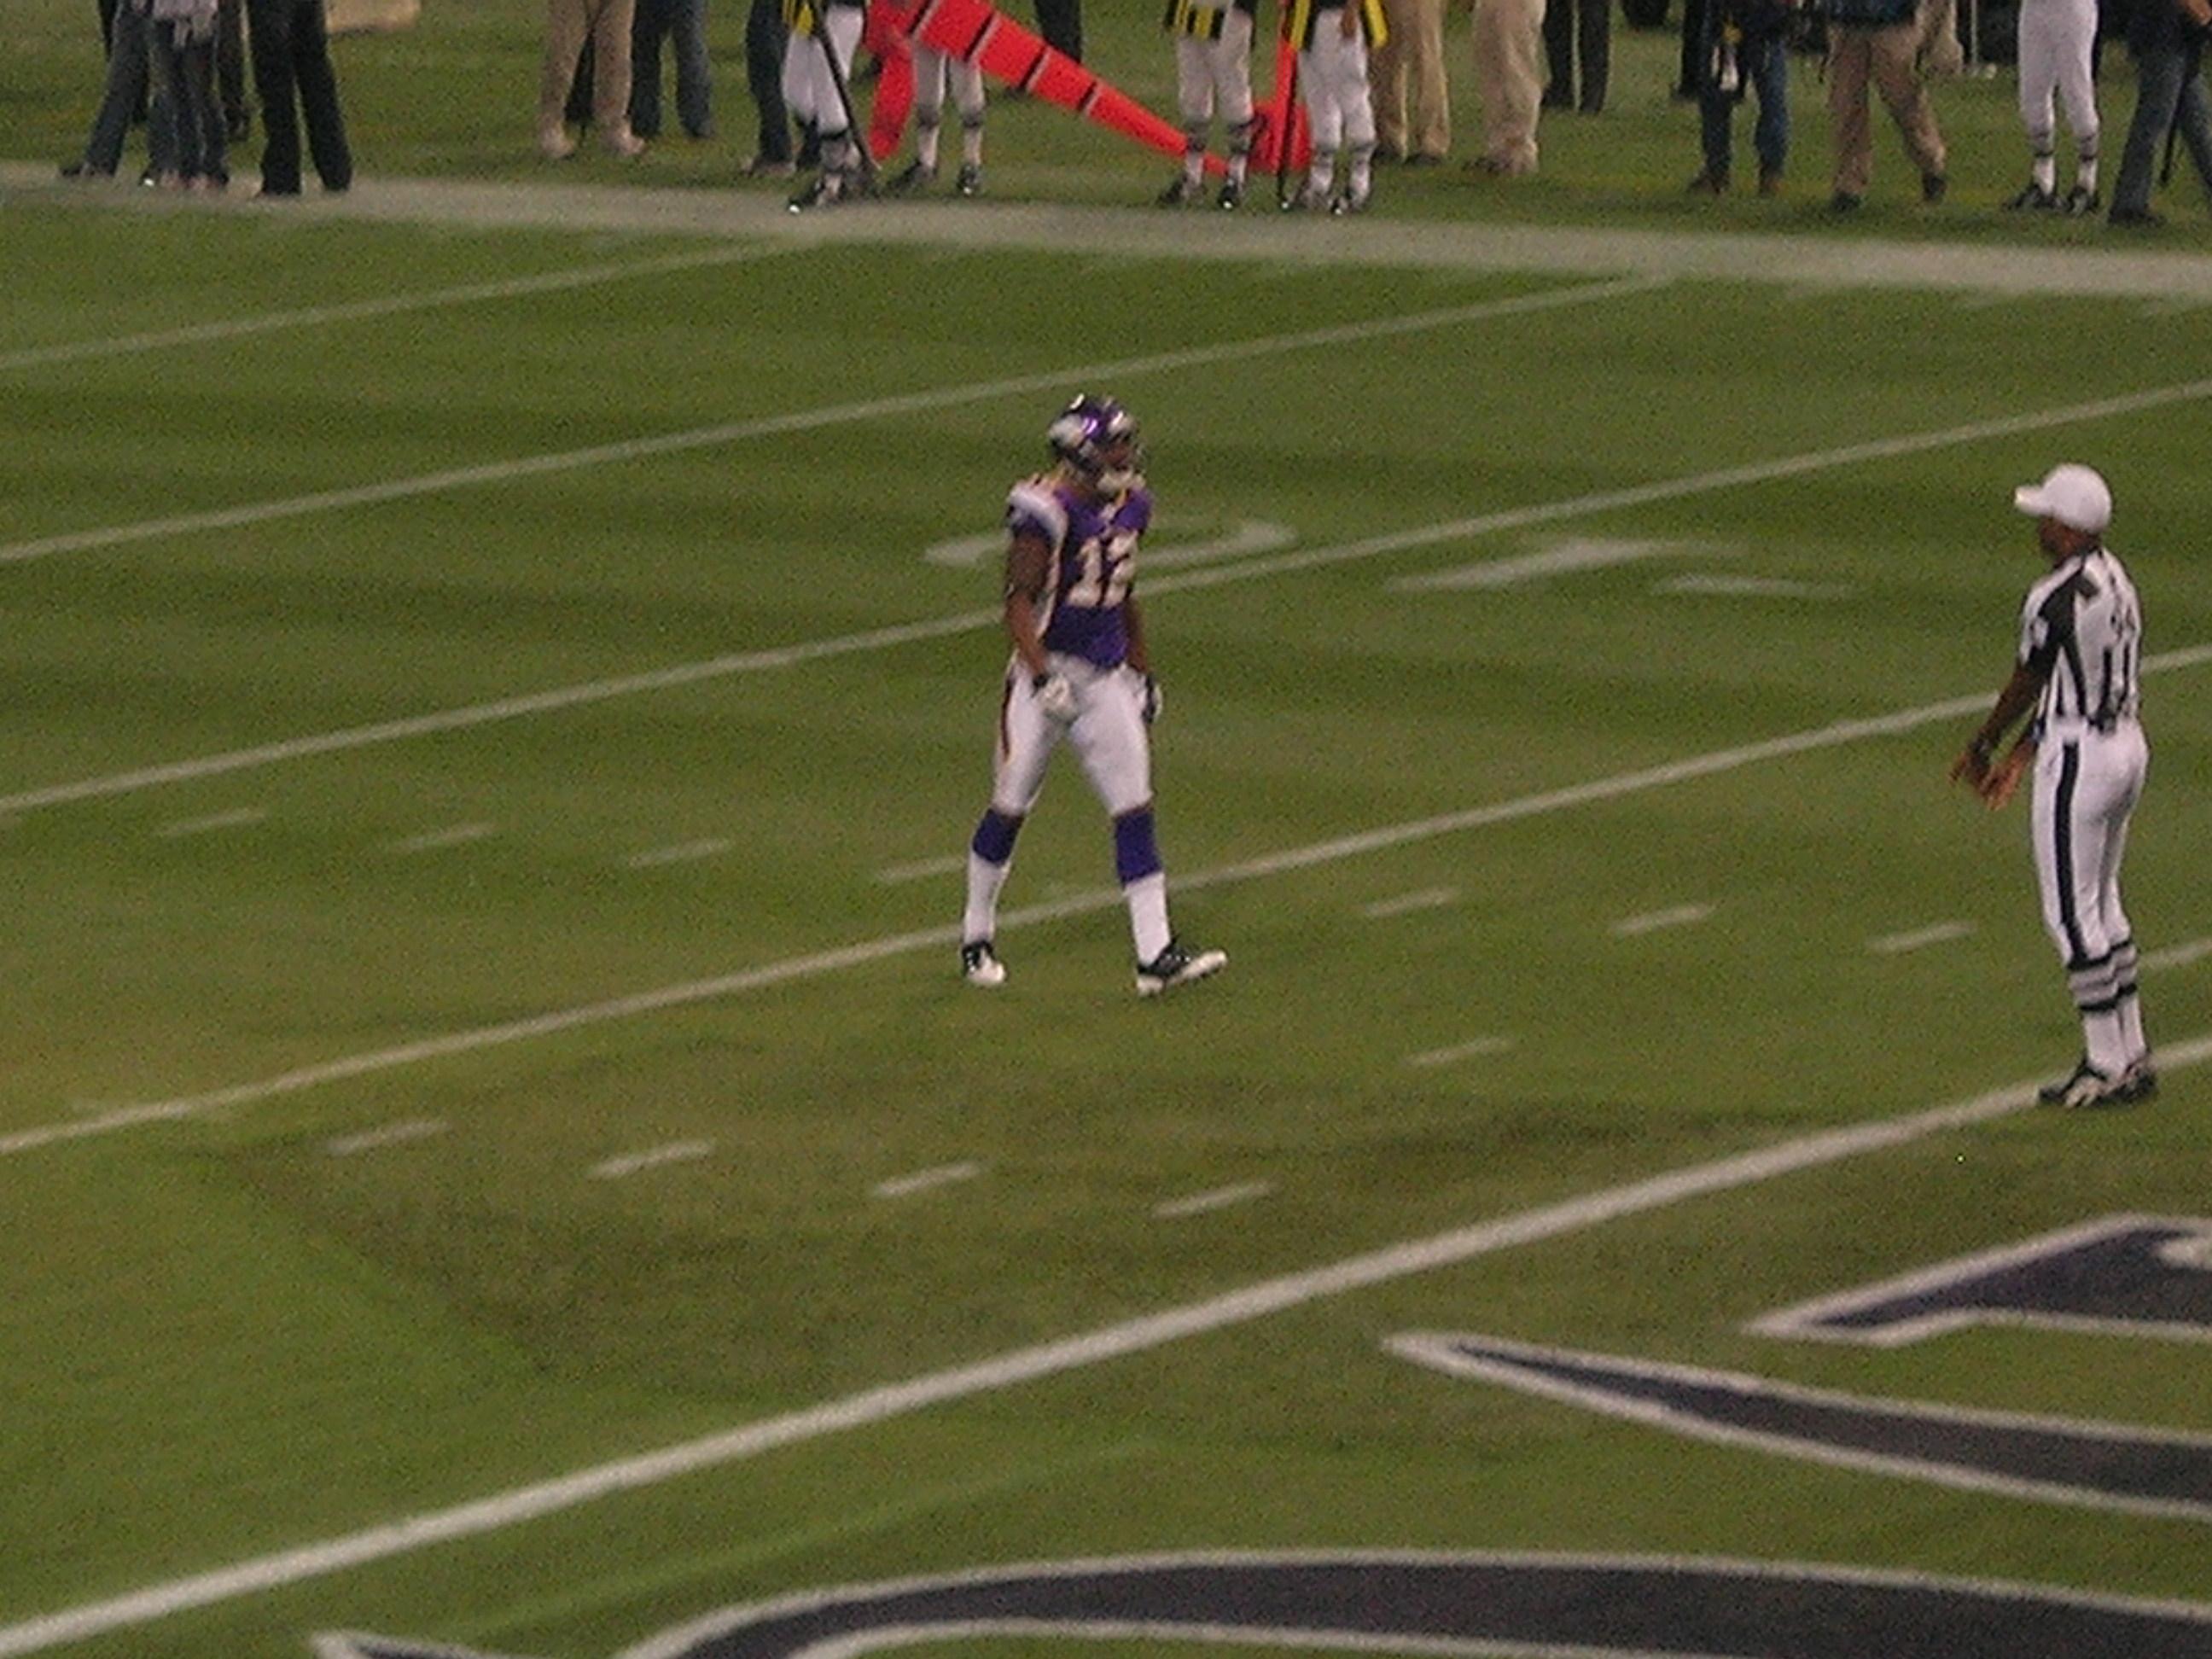 Minnesota Vikings Vs Baltimore Ravens Sunday October 18